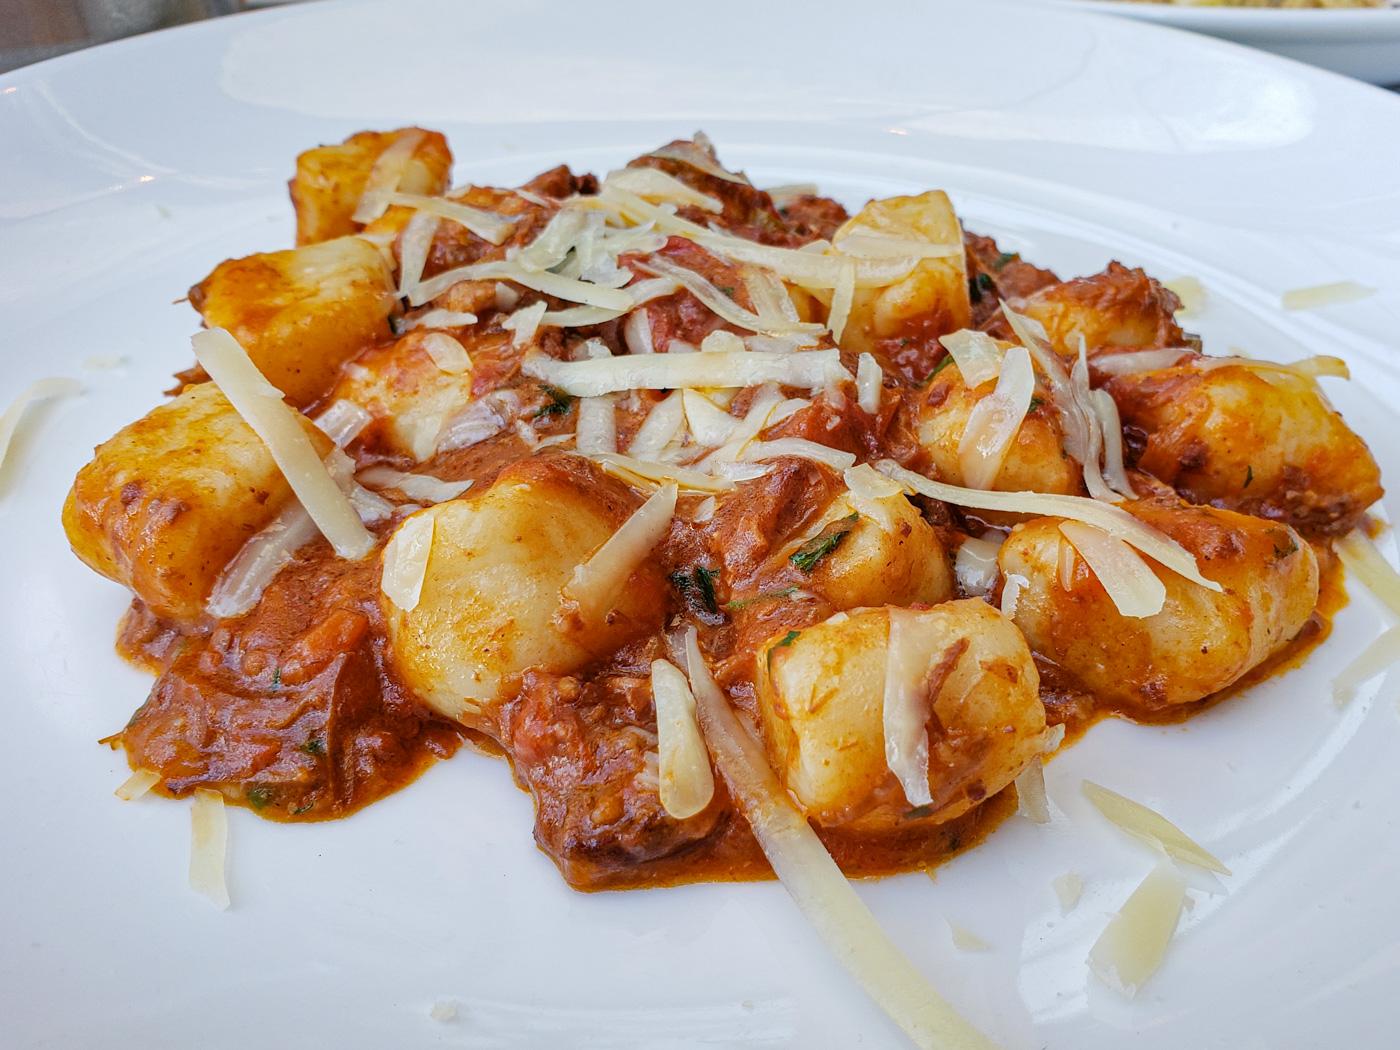 Potato Gnocchi with Wild Boar Bolognese at L'Anima